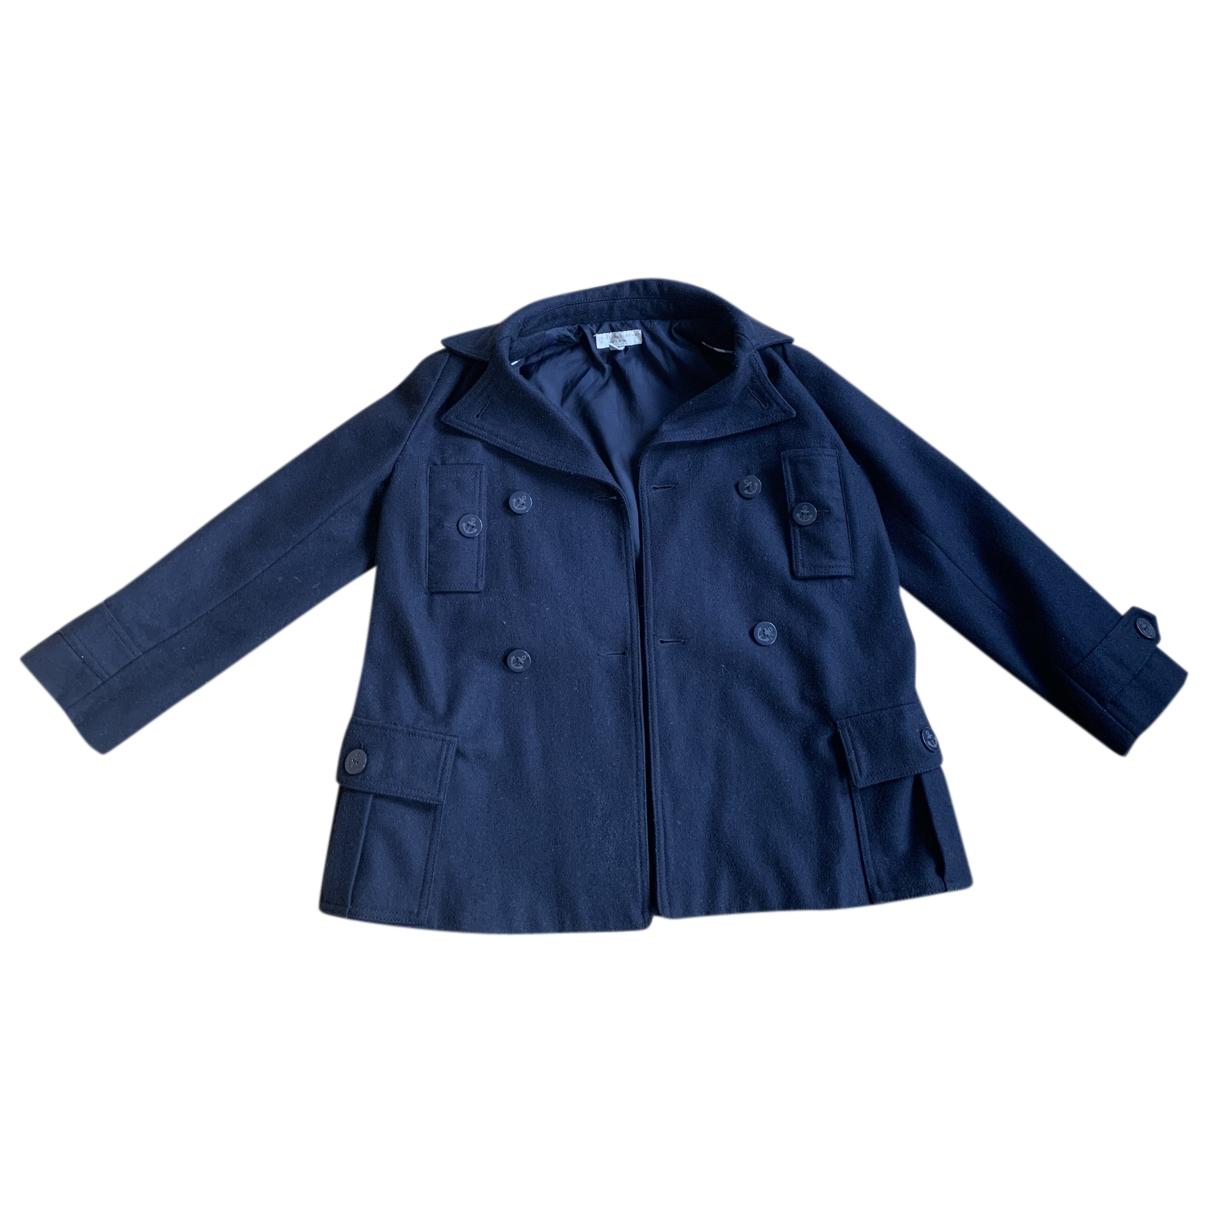 Stella Mccartney Kids - Blousons.Manteaux   pour enfant en laine - marine